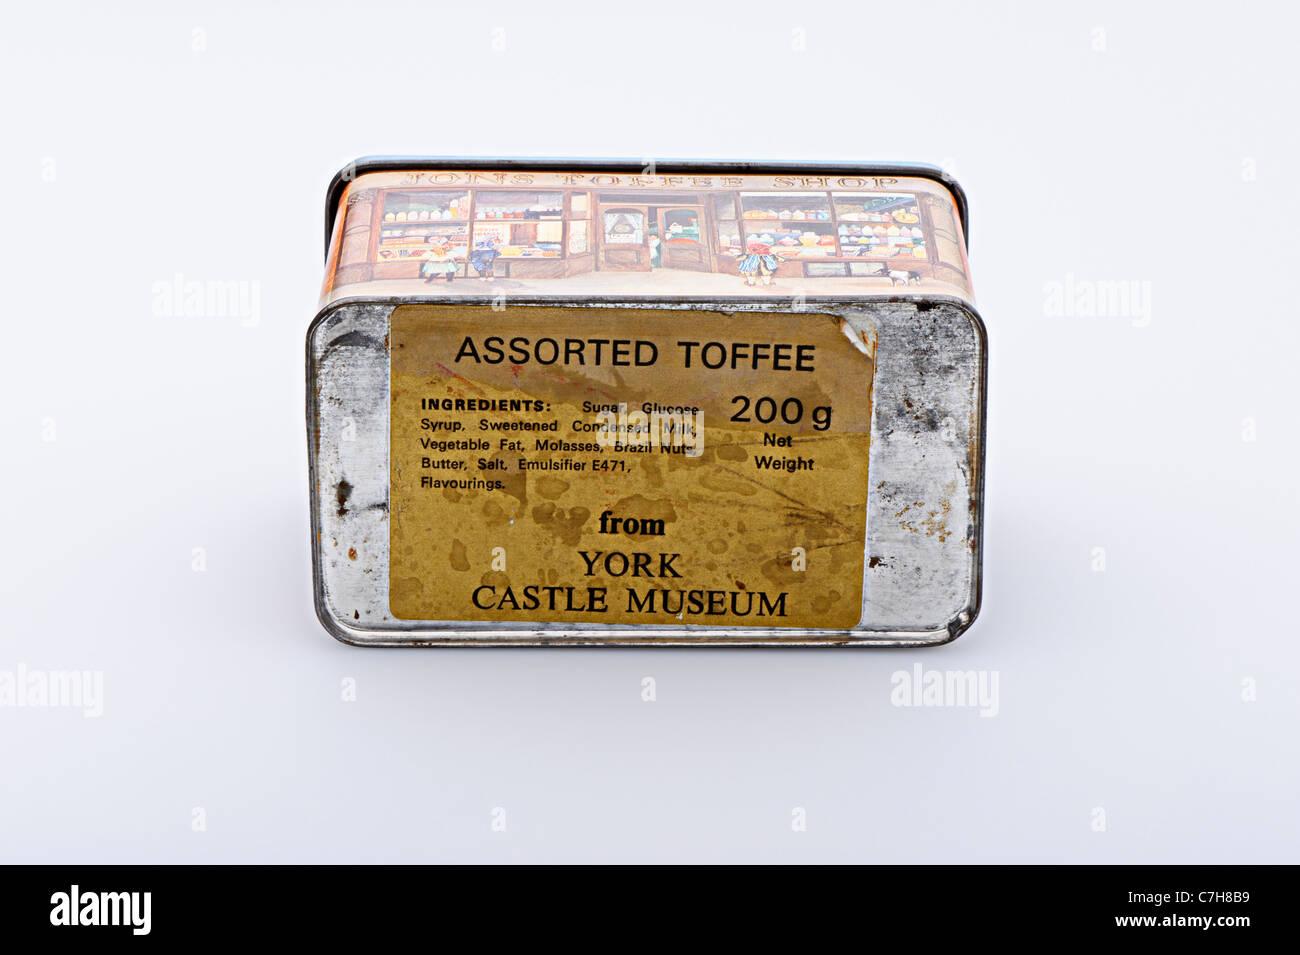 Vecchia scatola di caramelle mou 70's Museo del Castello di York, isolato su sfondo grigio chiaro con ombra Immagini Stock